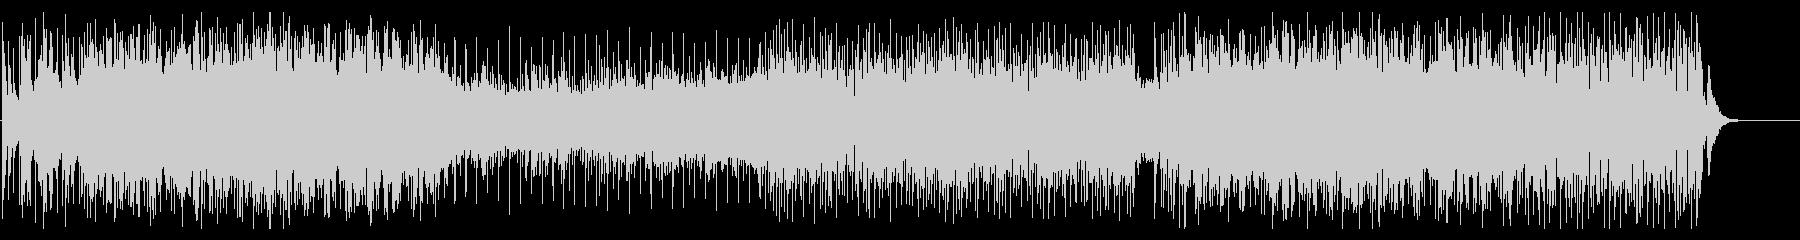 メロディアスなエモ系ロックの未再生の波形